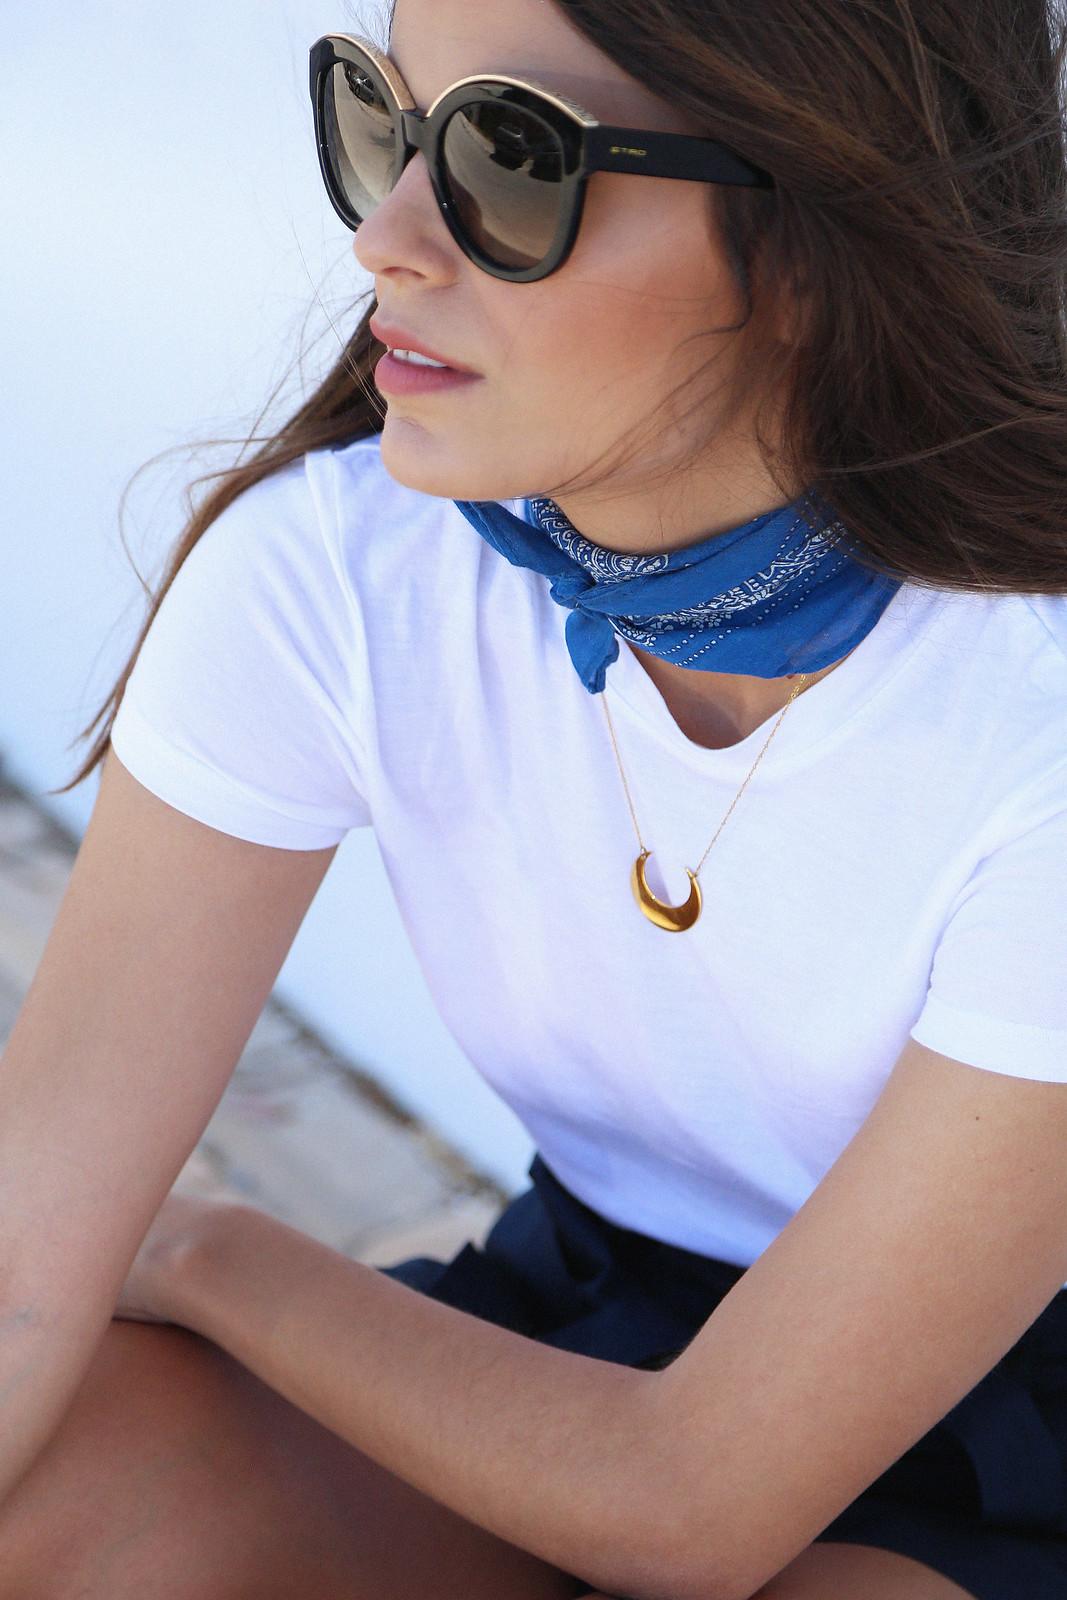 jessie chanes seams for a desire blue skort white tshirt wooden wedges sandals-9